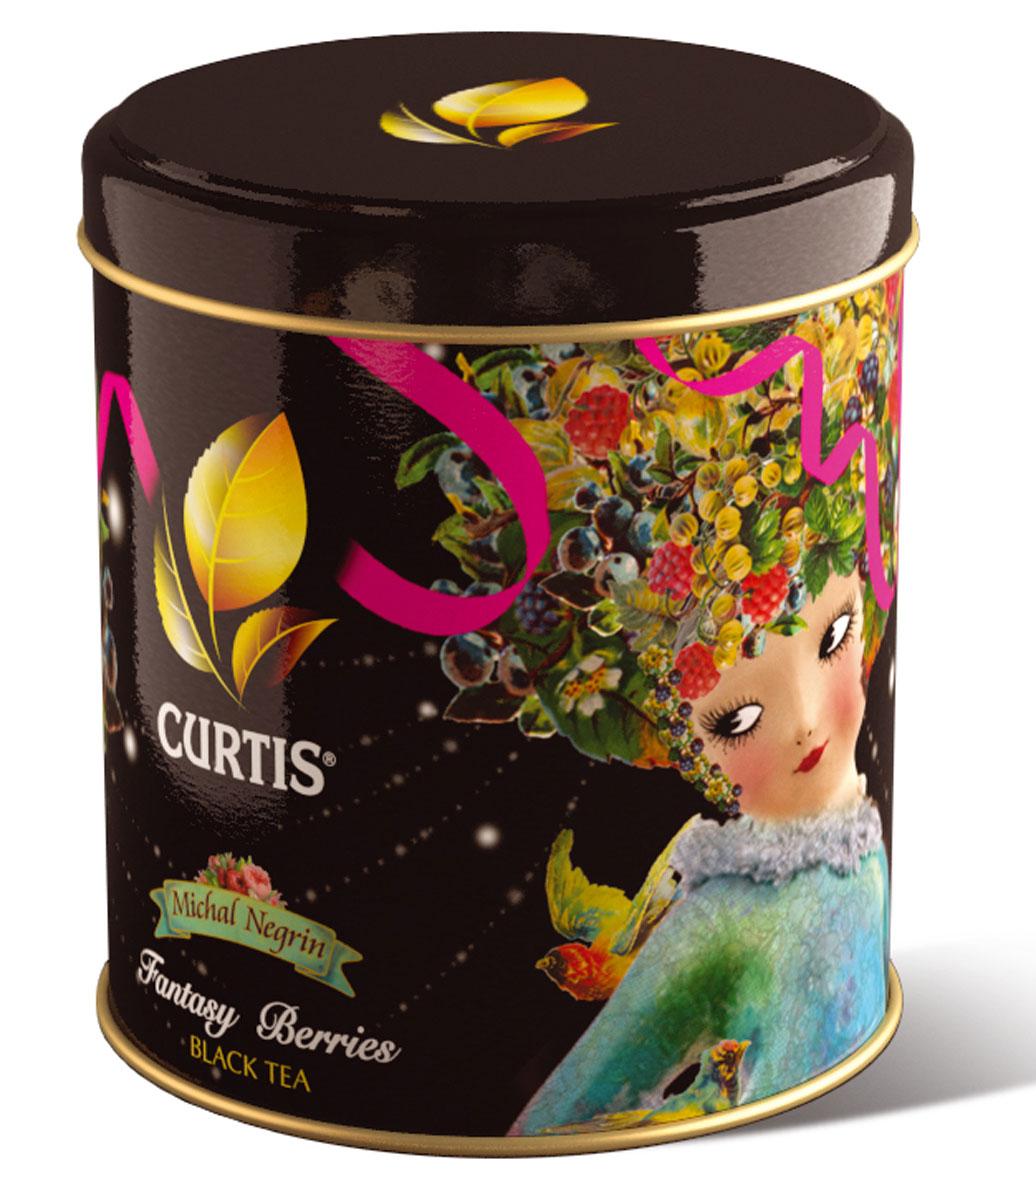 Curtis Fantasy Berries черный листовой чай, 70 г516220Curtis Fantasy Berries - черный листовой ароматизированный чай с ягодами годжи.